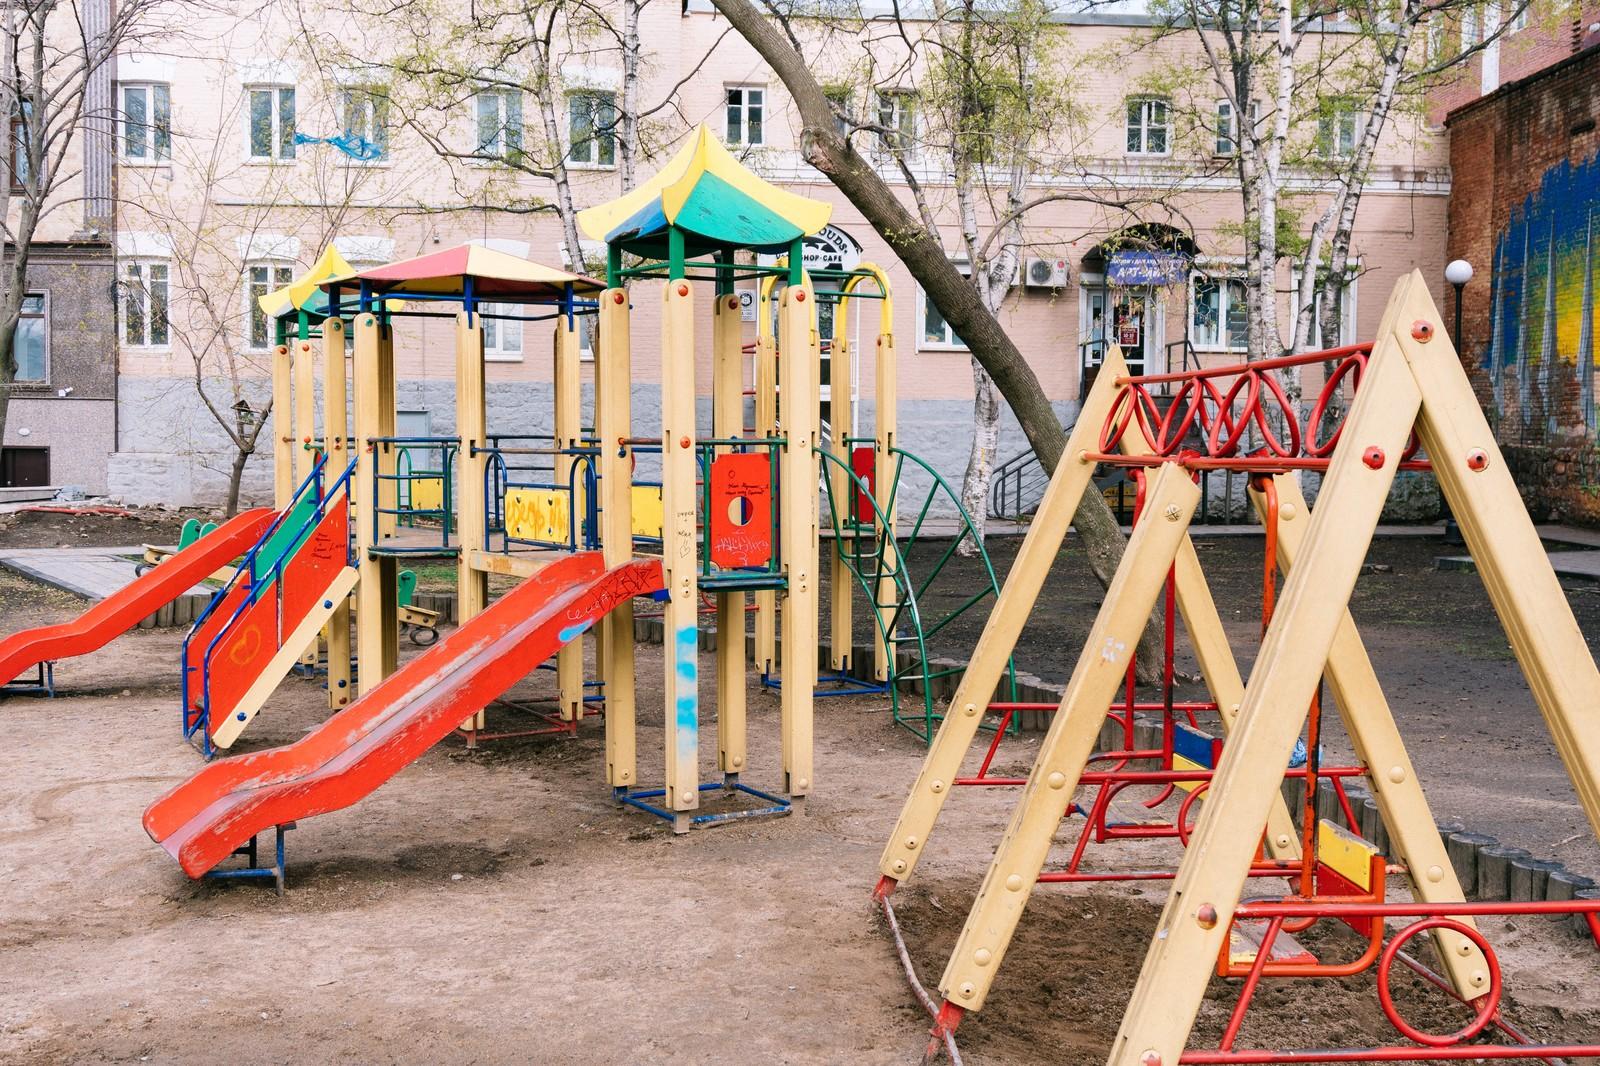 【公園デビュー】公園難民にならないためにママが取るべき行動3つ